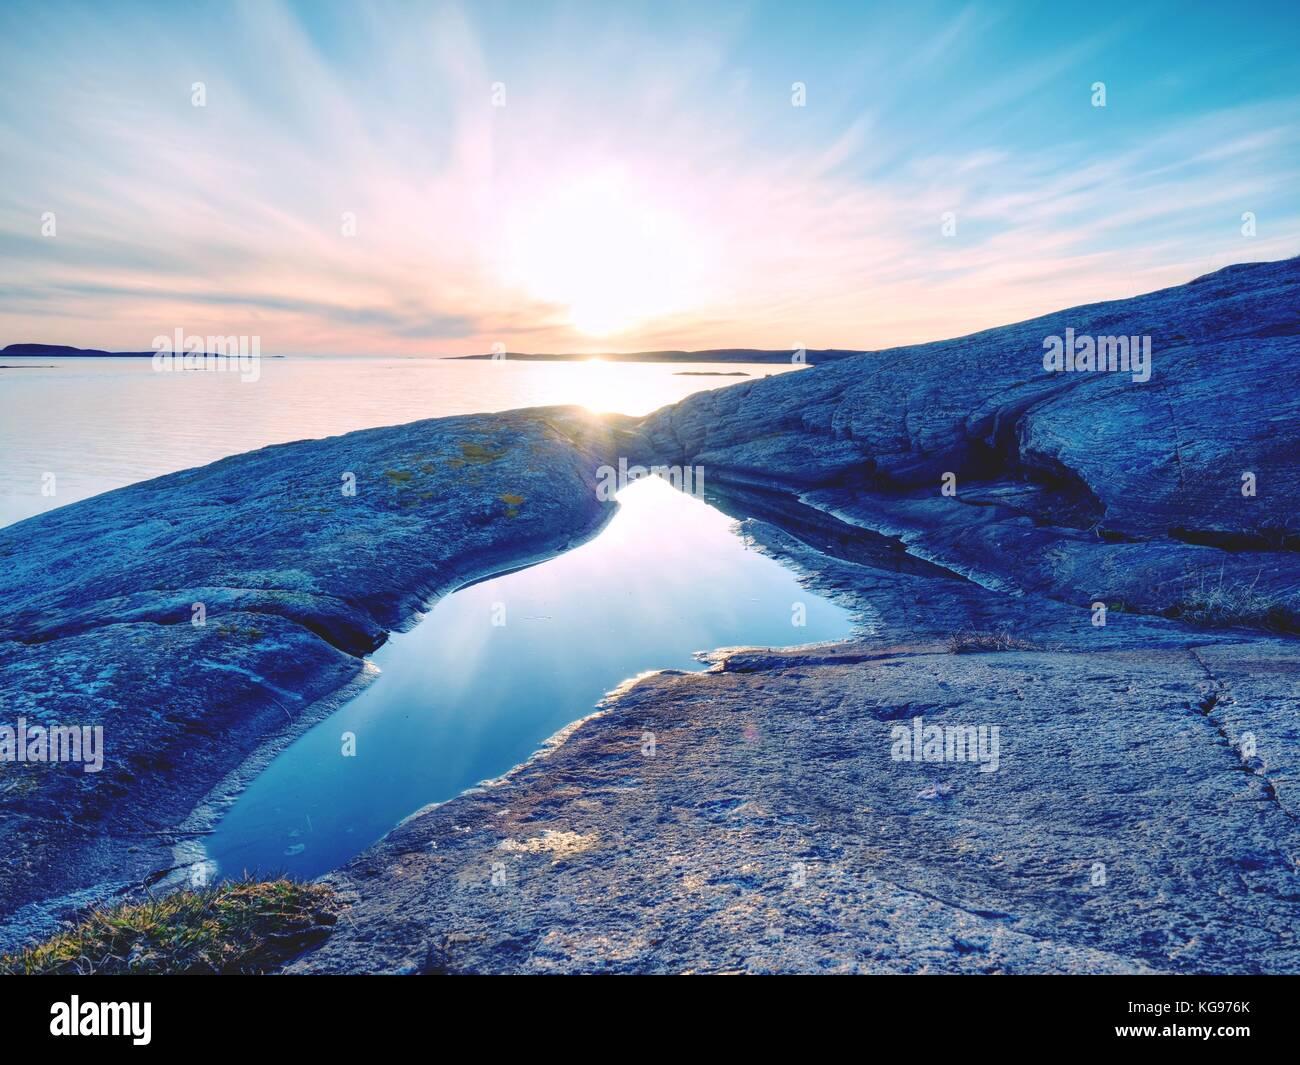 Belle vue du paysage marin. La temporisation de mise en miroir de l'eau horizon dans les bassins dans les roches Photo Stock